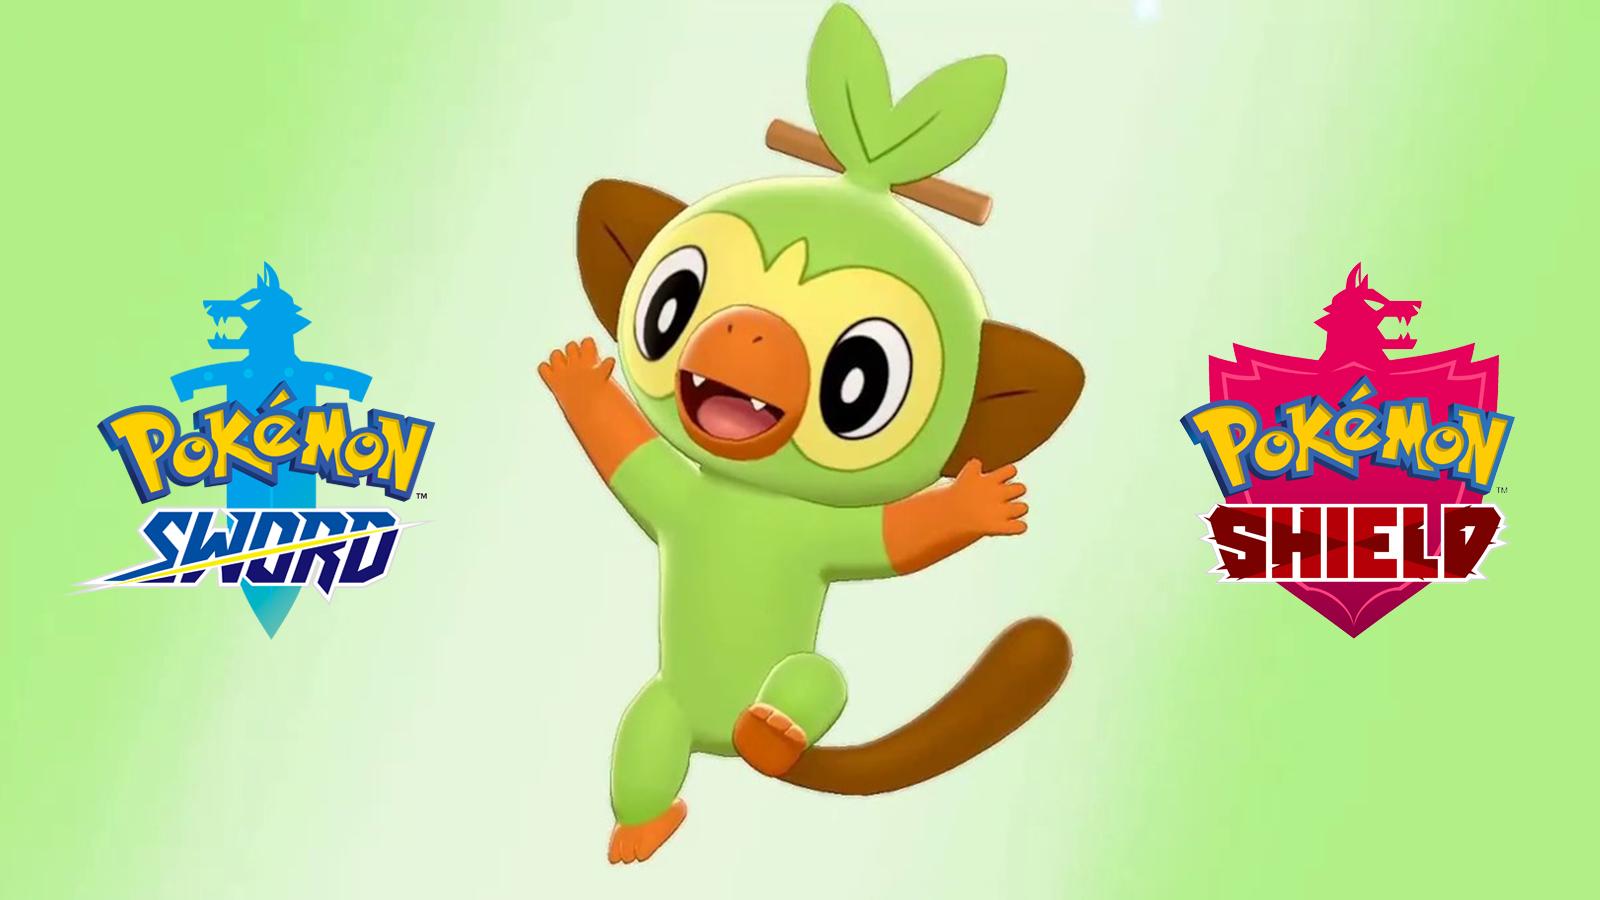 Pokemon Grookey Sword Shield